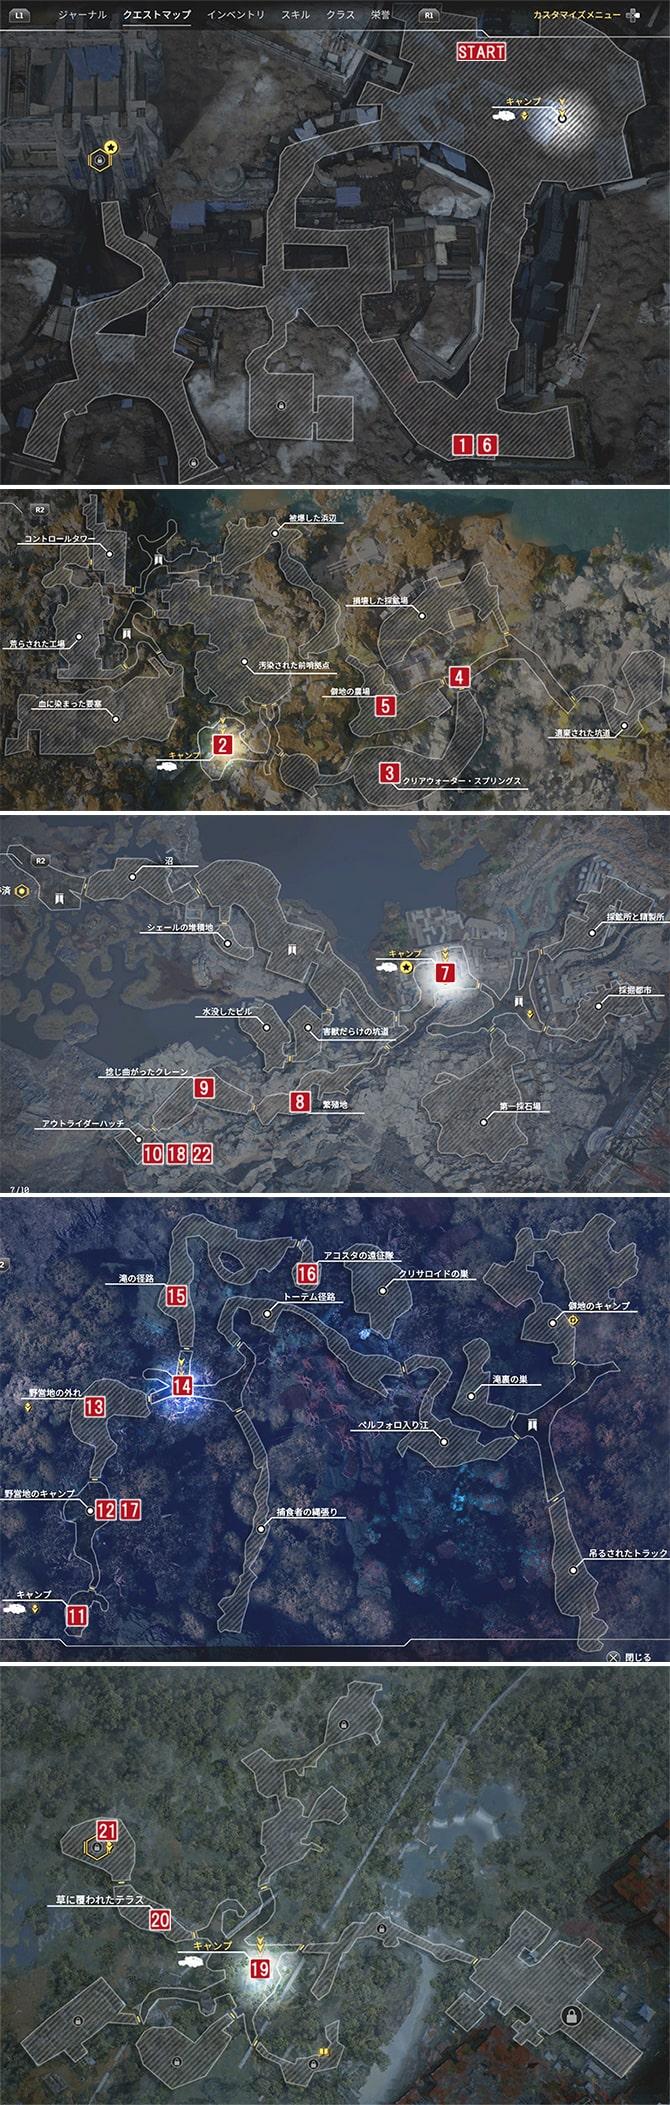 サイドクエスト『アウトライダーズの遺産』の発生場所のマップ